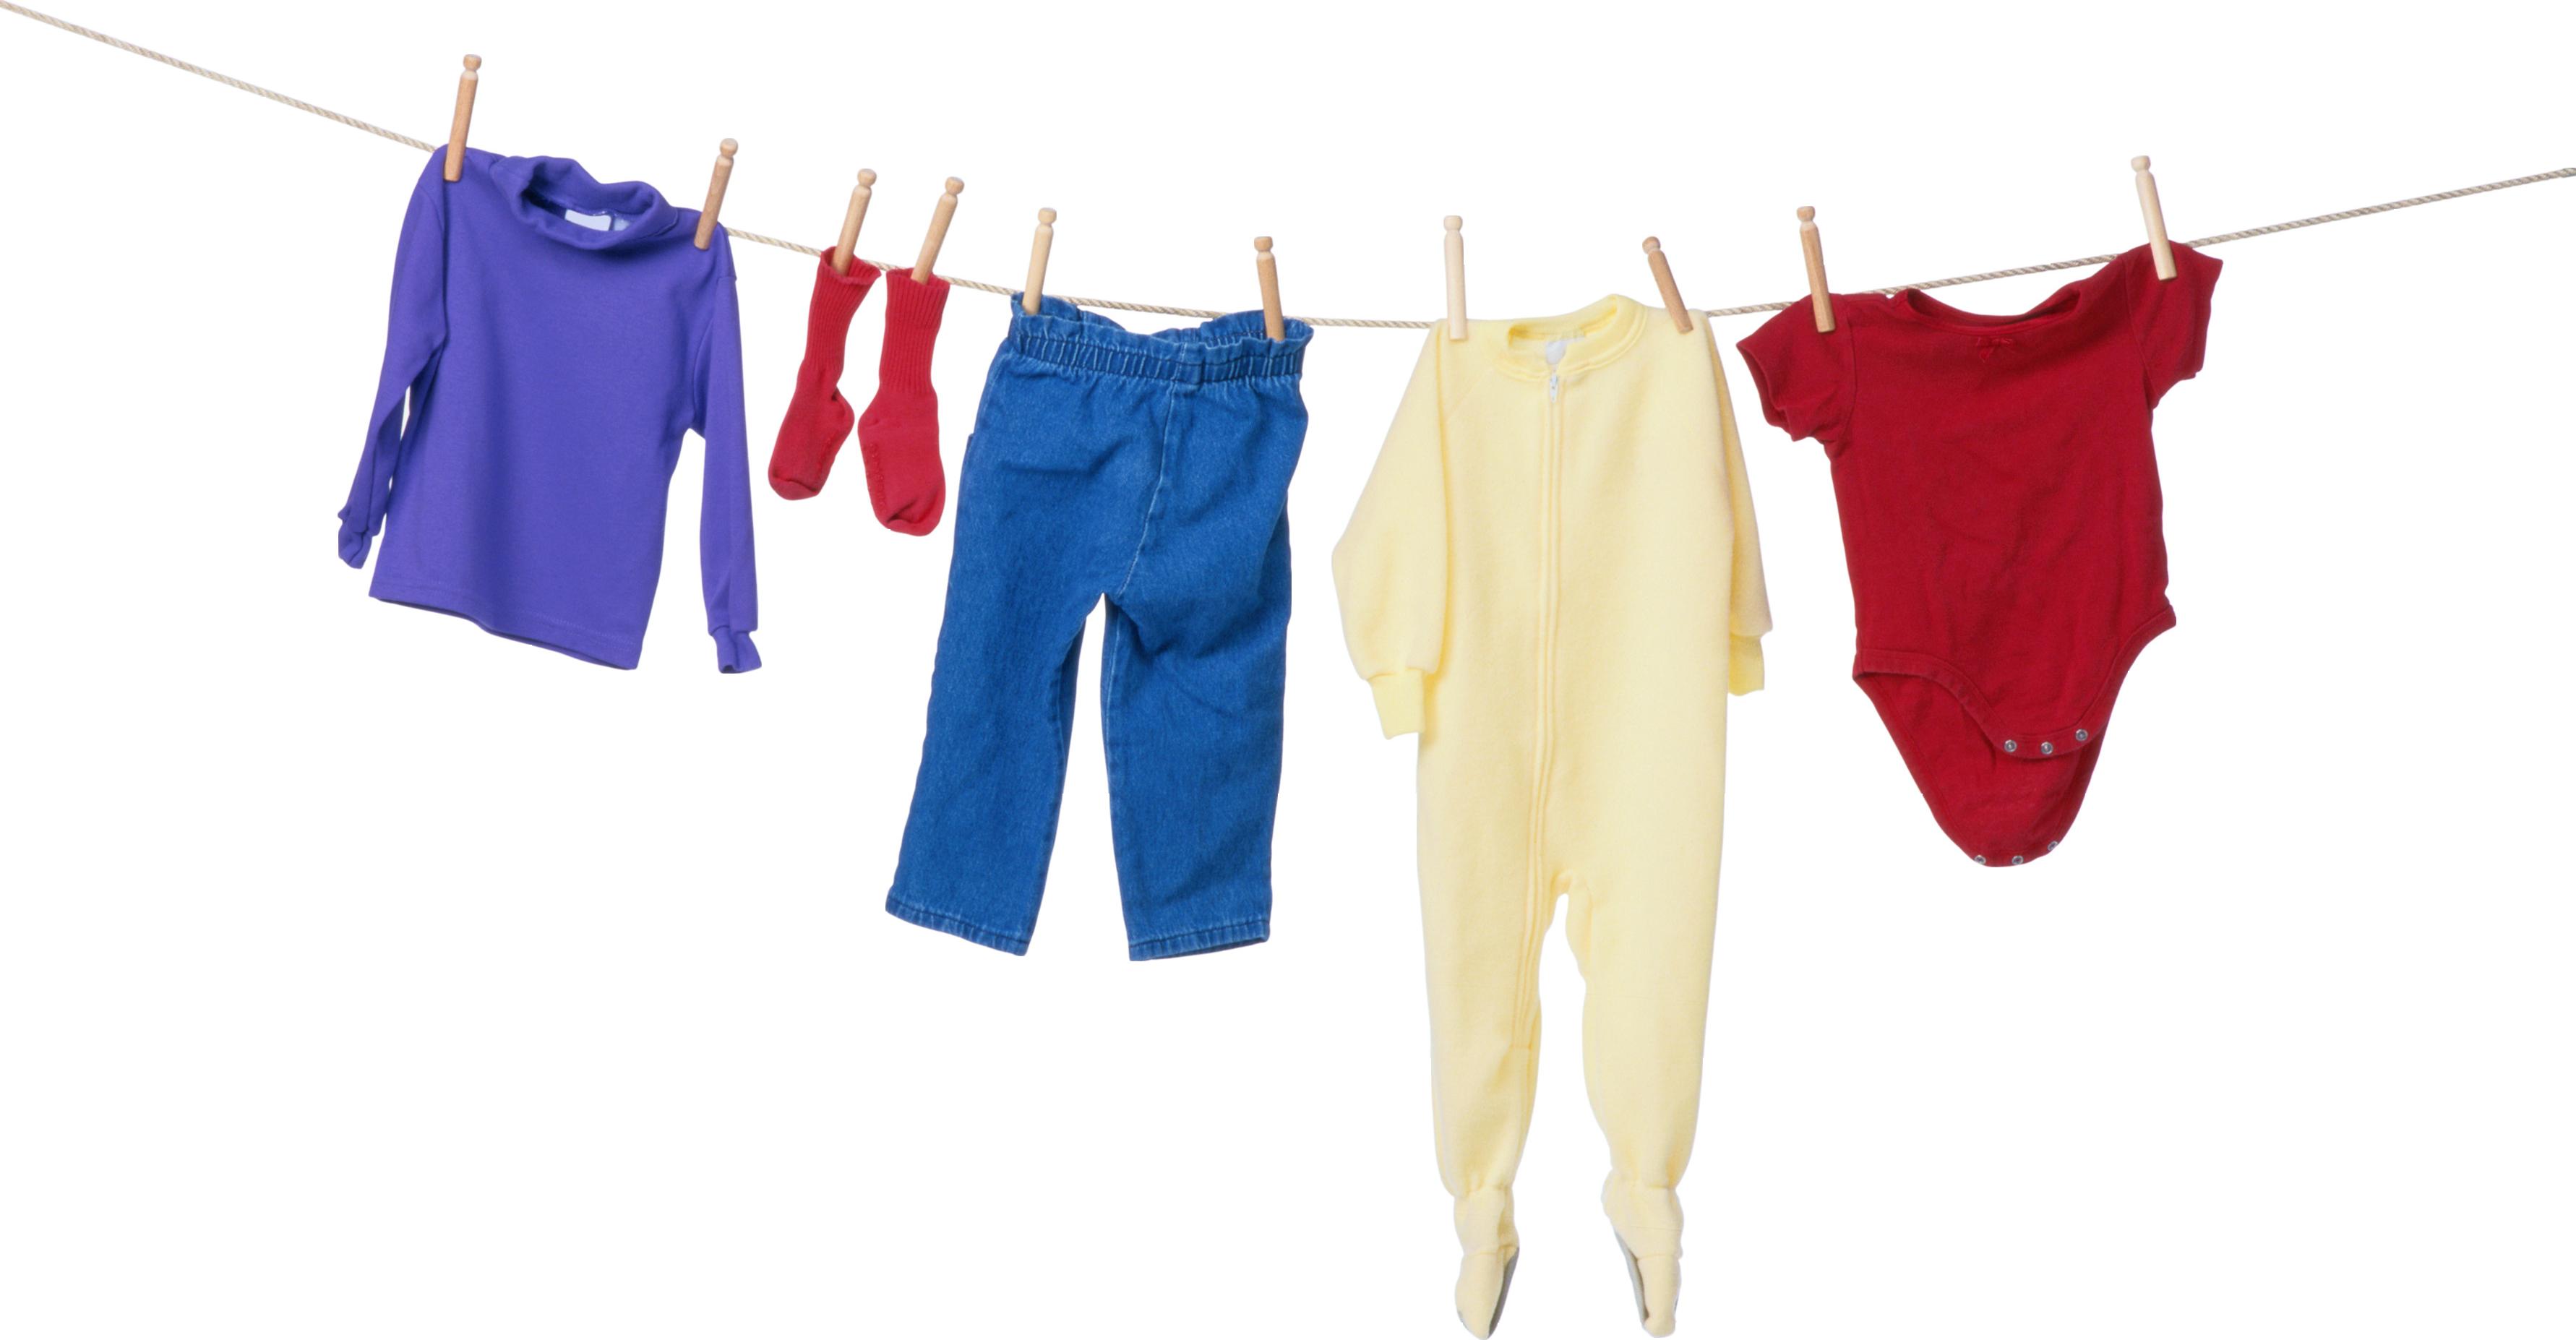 Приглашаю оставить отзывы по закупкам детской одежды Божья коровка, Виктория кидс